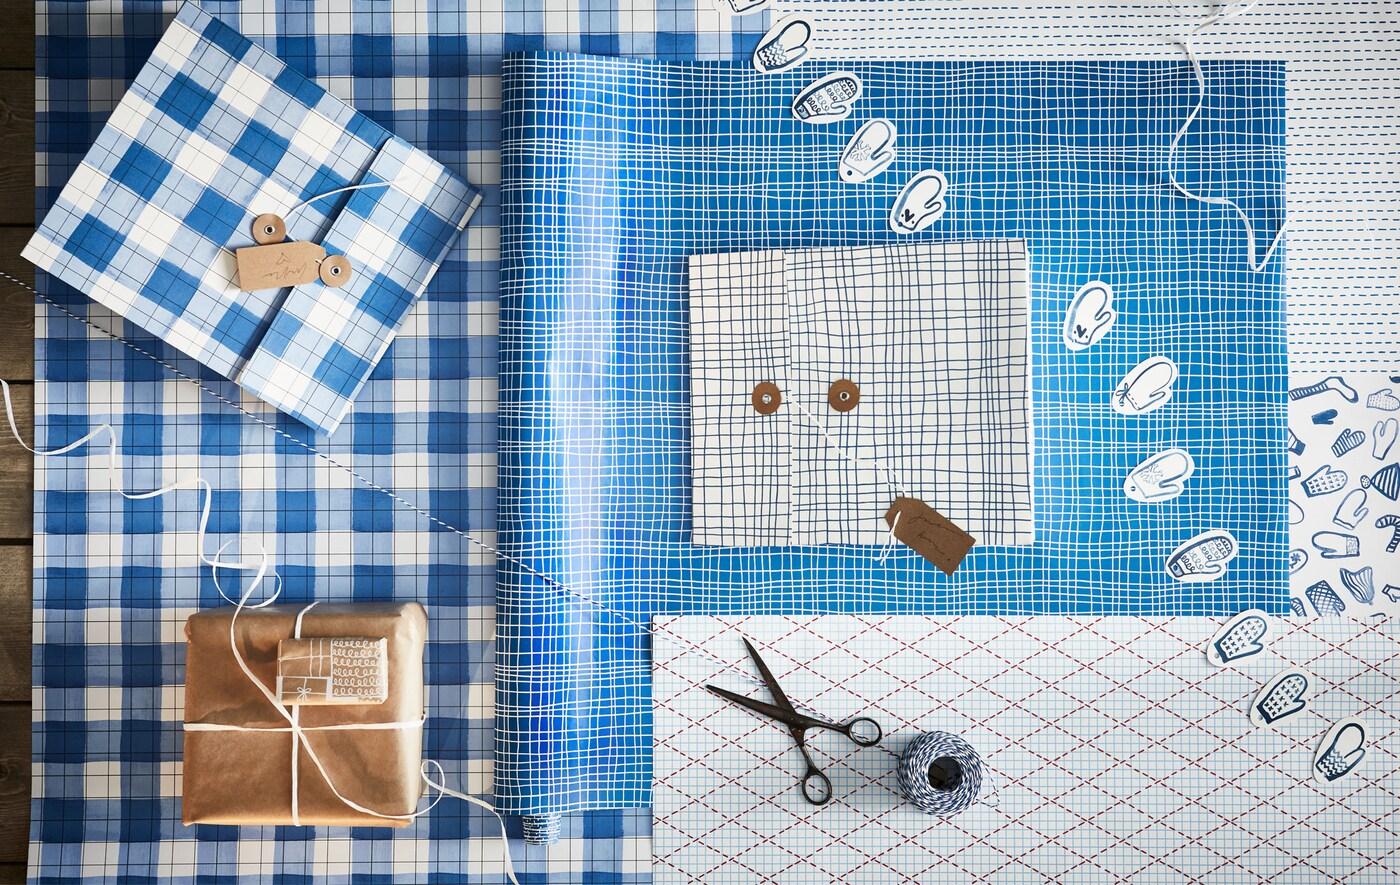 Место для упаковки подарков с обрезками: цветная бумага с различными узорами, веревка, ножницы, этикетки и подарочные коробки.